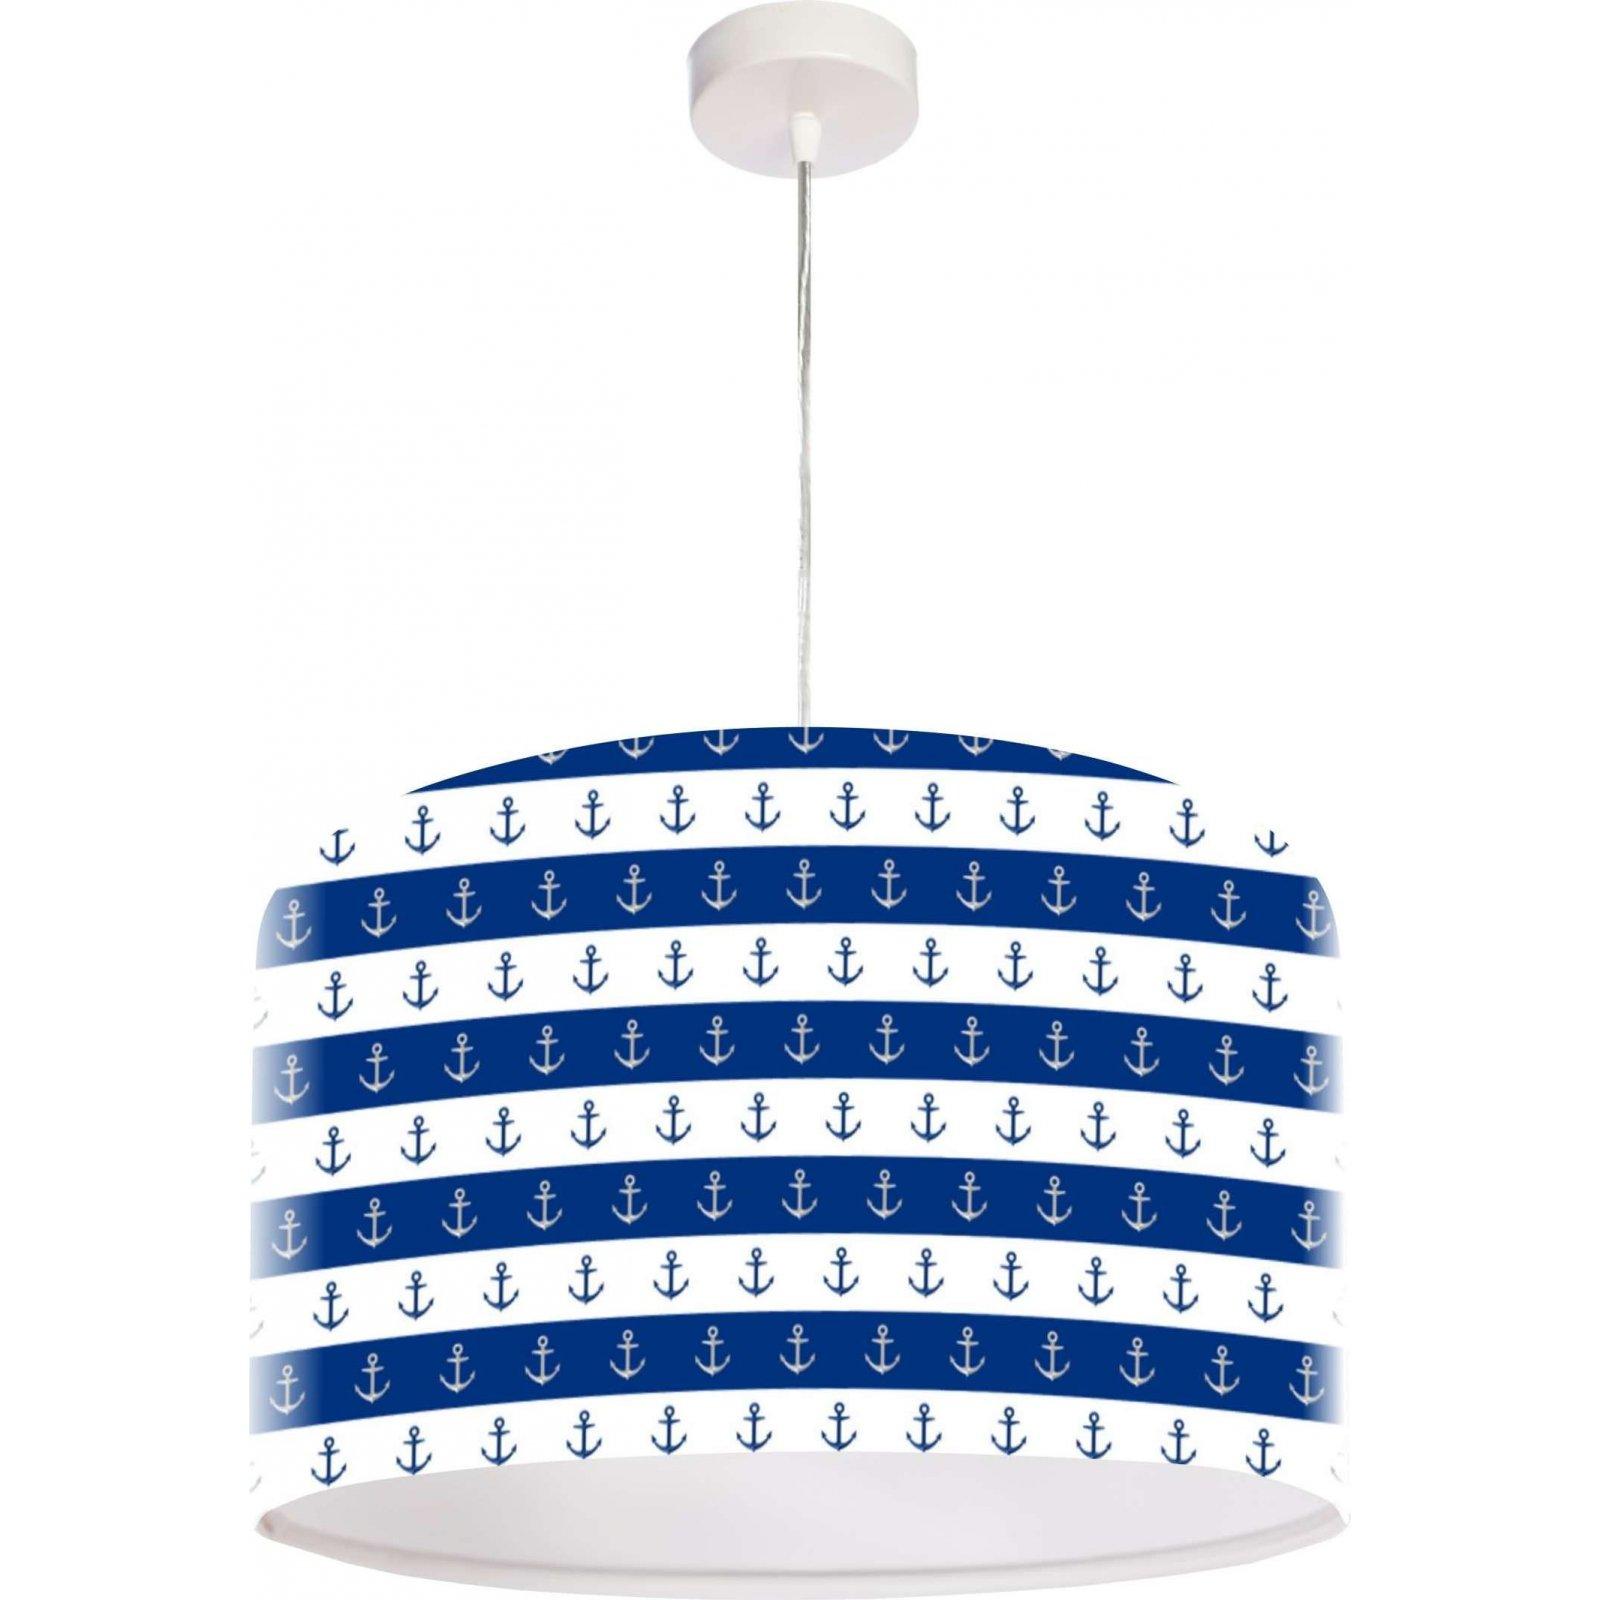 Suspension enfant abat-jour tissu bleu et blanc Ø 50